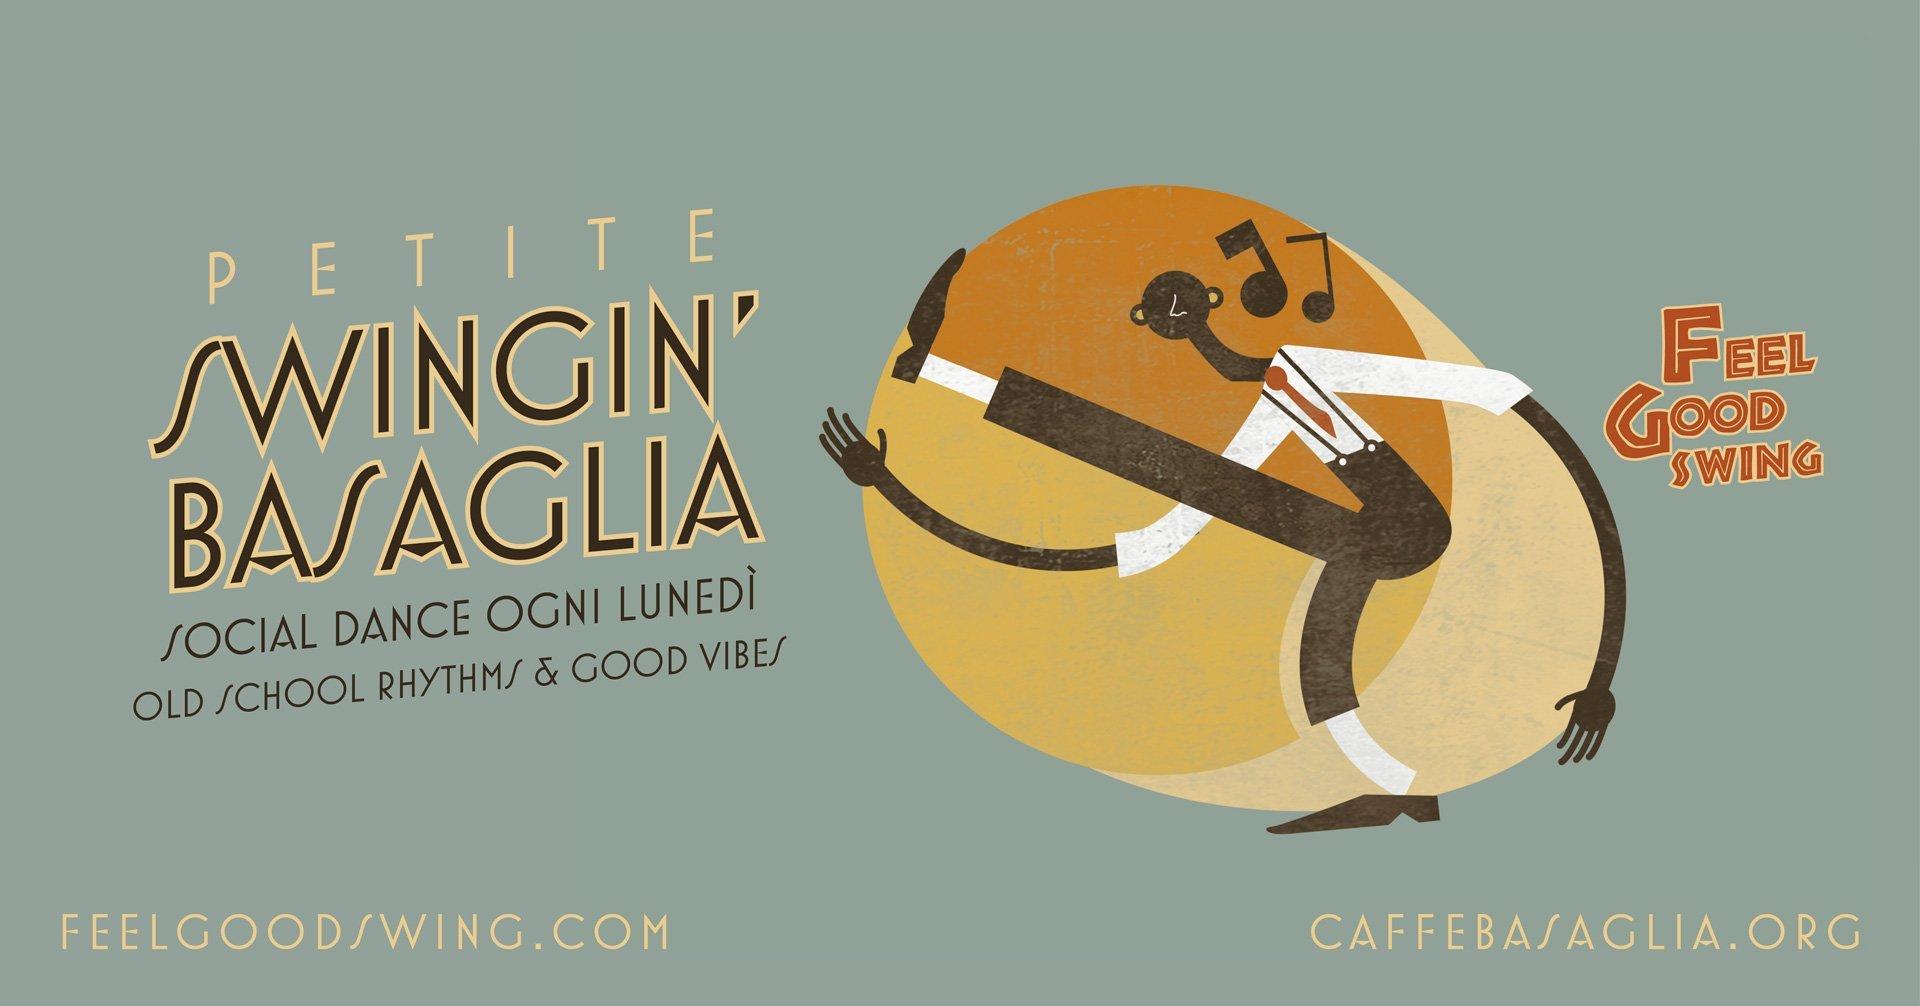 Petite Swingin'Basaglia - La scoail dance del lunedì